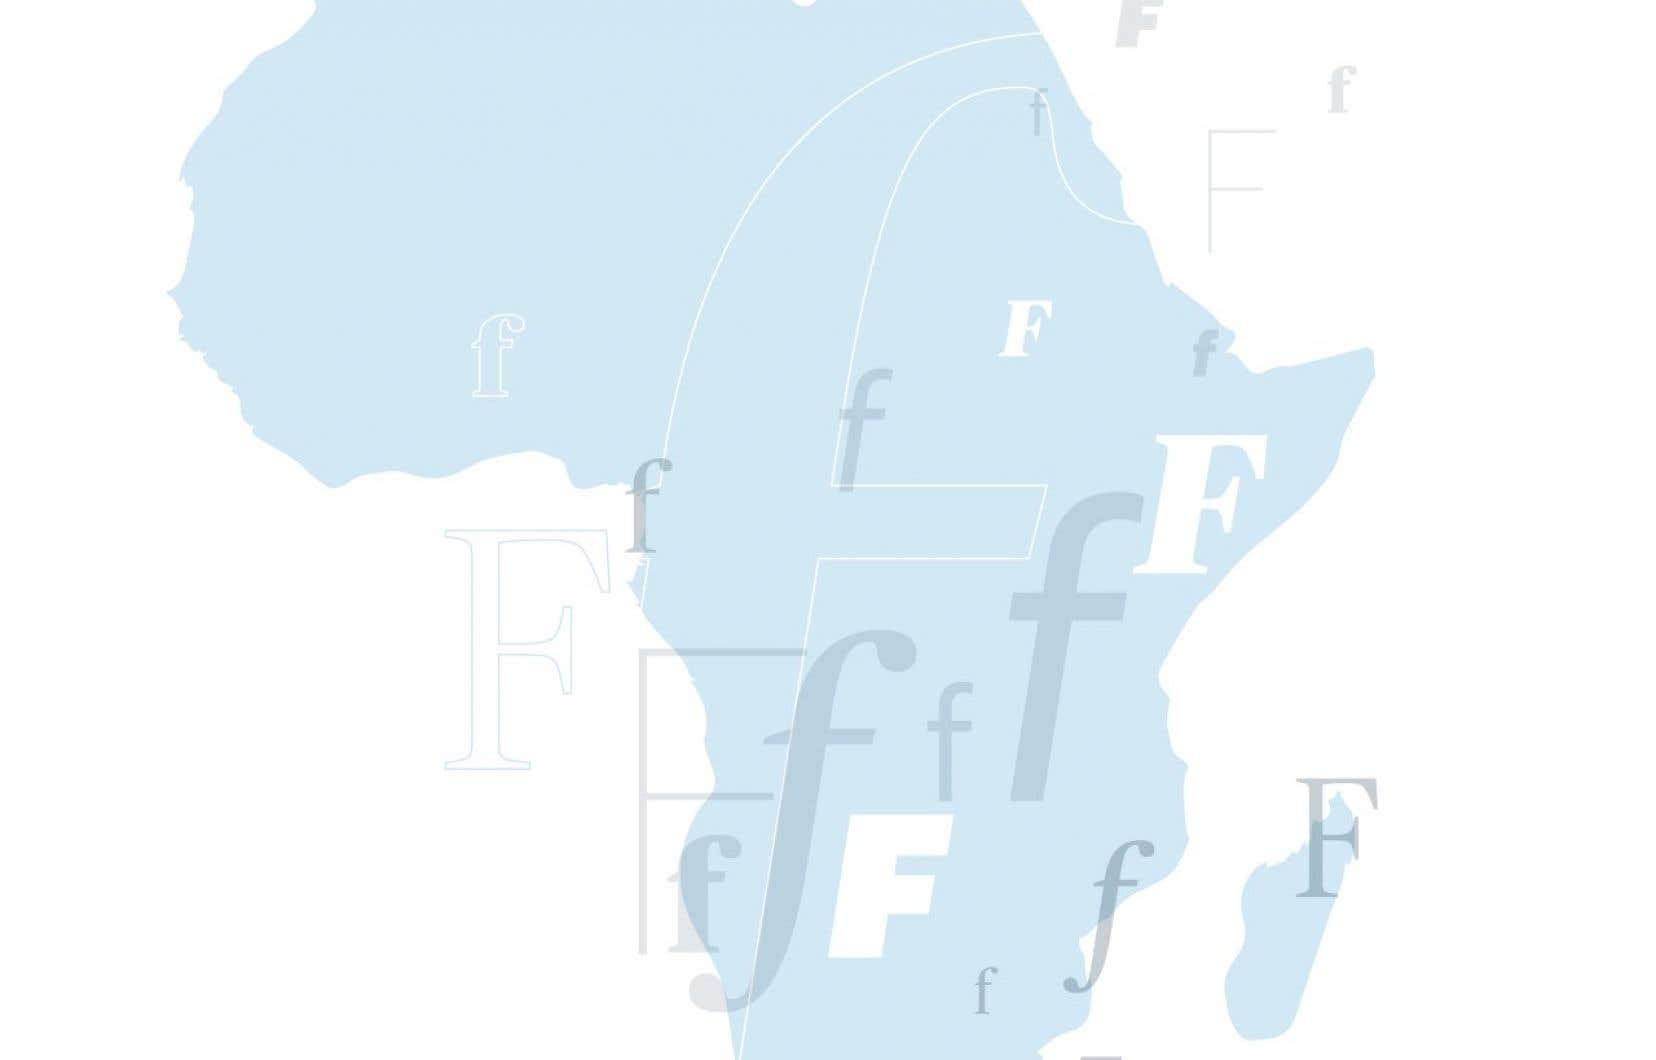 Frédéric Pennela découvert en Afrique, malgré un immense défi en matière d'éducation, une grande créativité lexicale, ce qui traduit une vitalité de la langue française.